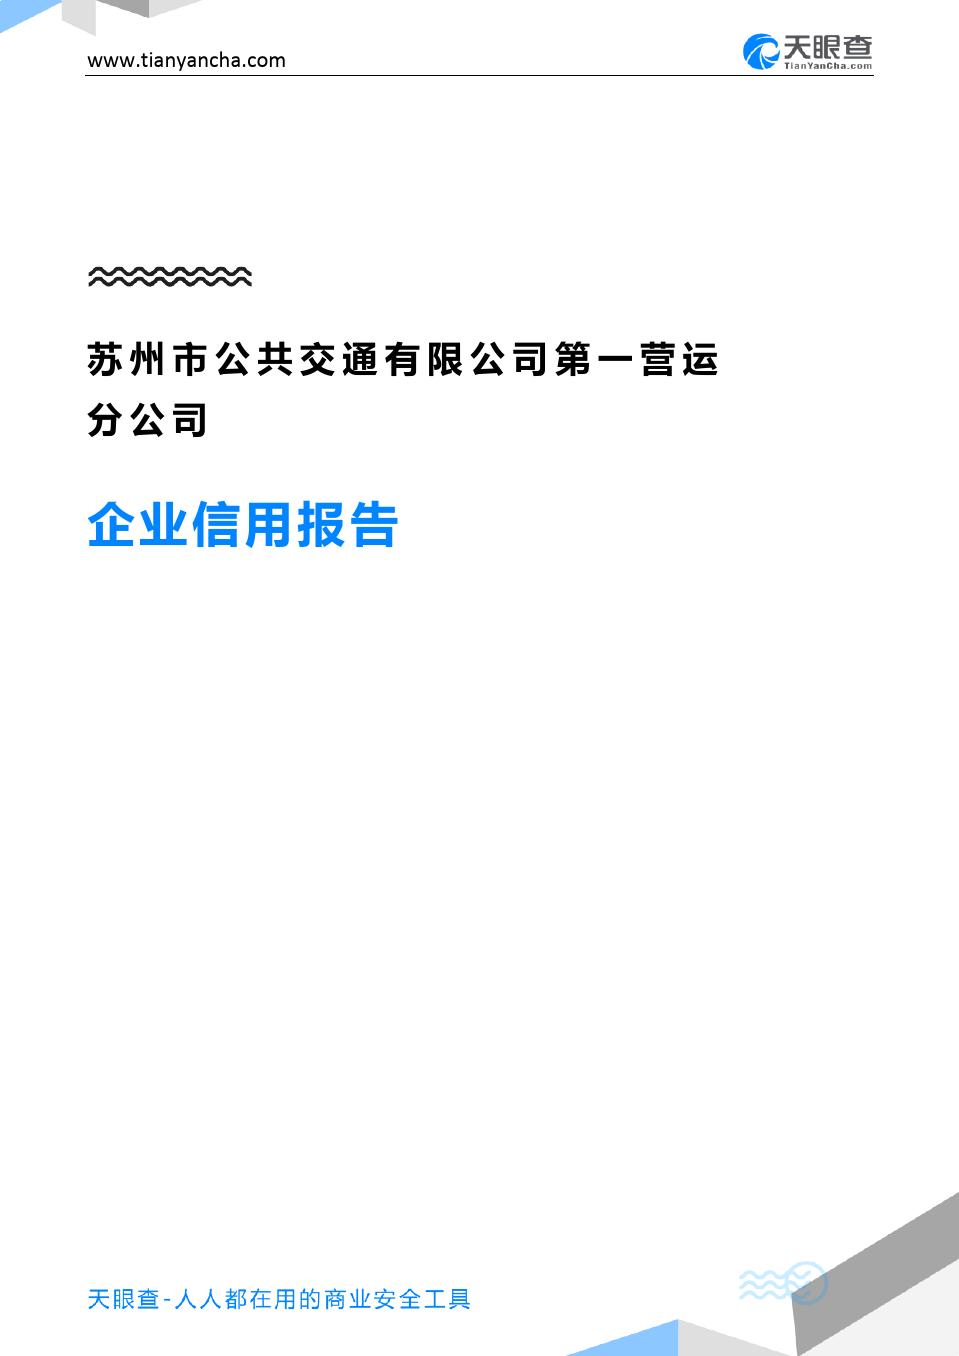 苏州市公共交通有限公司第一营运分公司(企业信用报告)- 天眼查